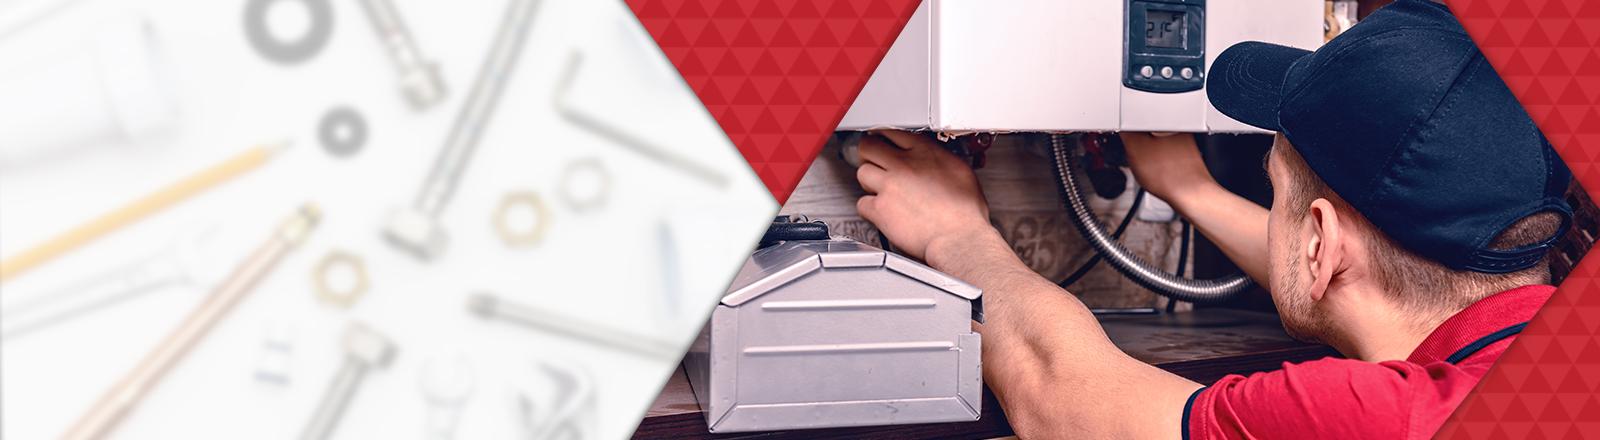 Boiler Repair & Fault Finding Harringay